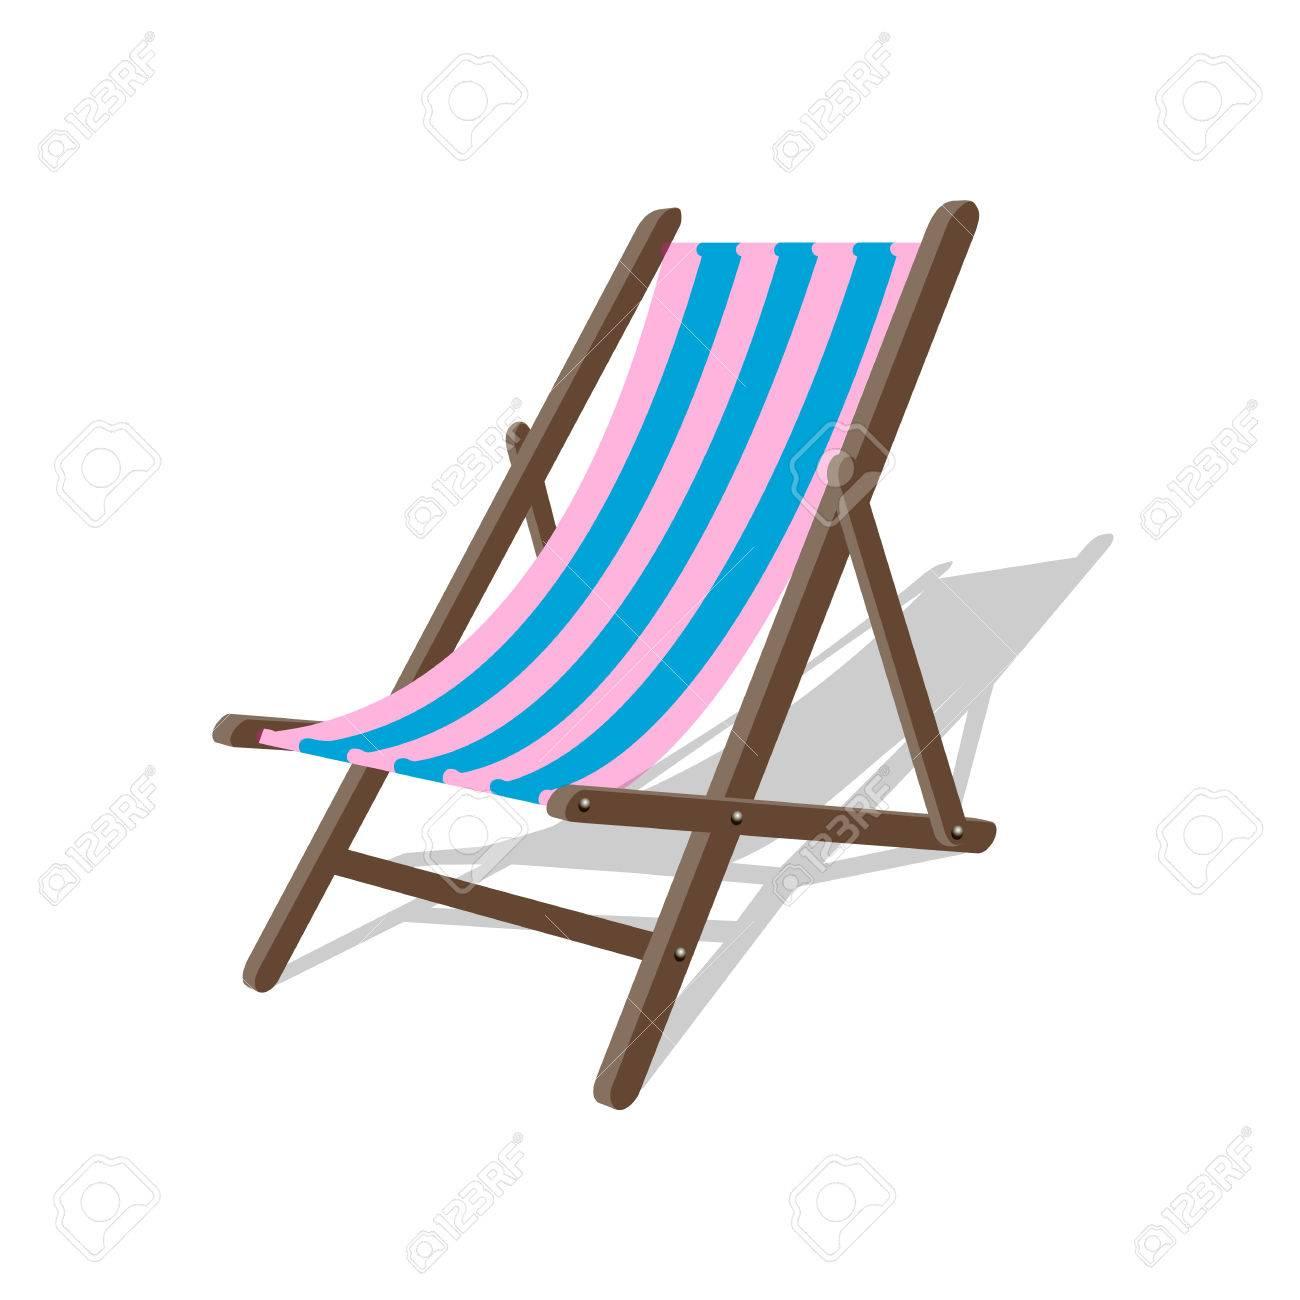 Chaise De Repos Plage Bois Vecteur Dtendez Vous Illustration Sige Ray En Plein Air Lounge Concept Mobilier Sasseoir